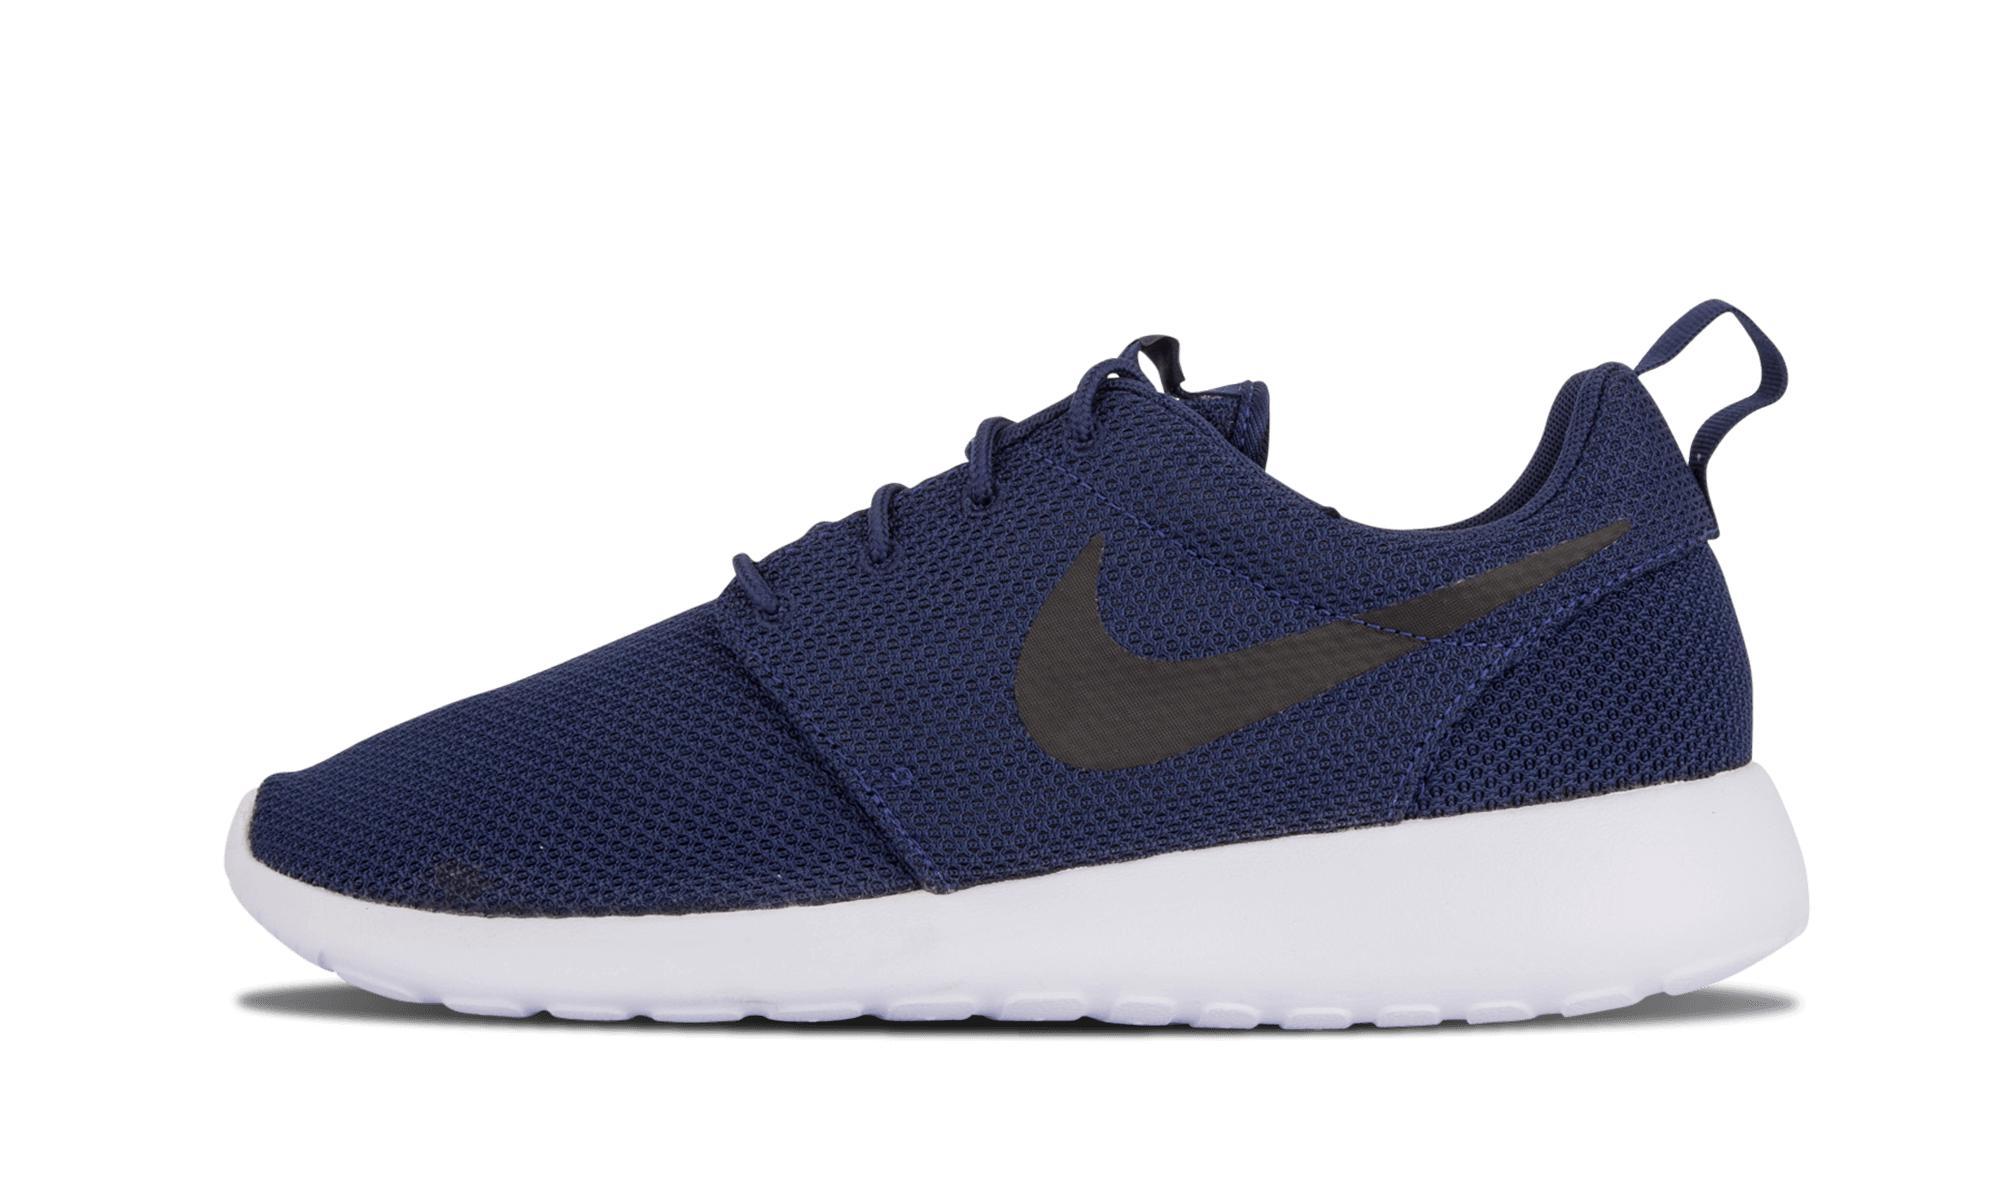 9efa933866d01 Lyst - Nike Roshe One Shoes in Blue for Men - Save 63.7037037037037%